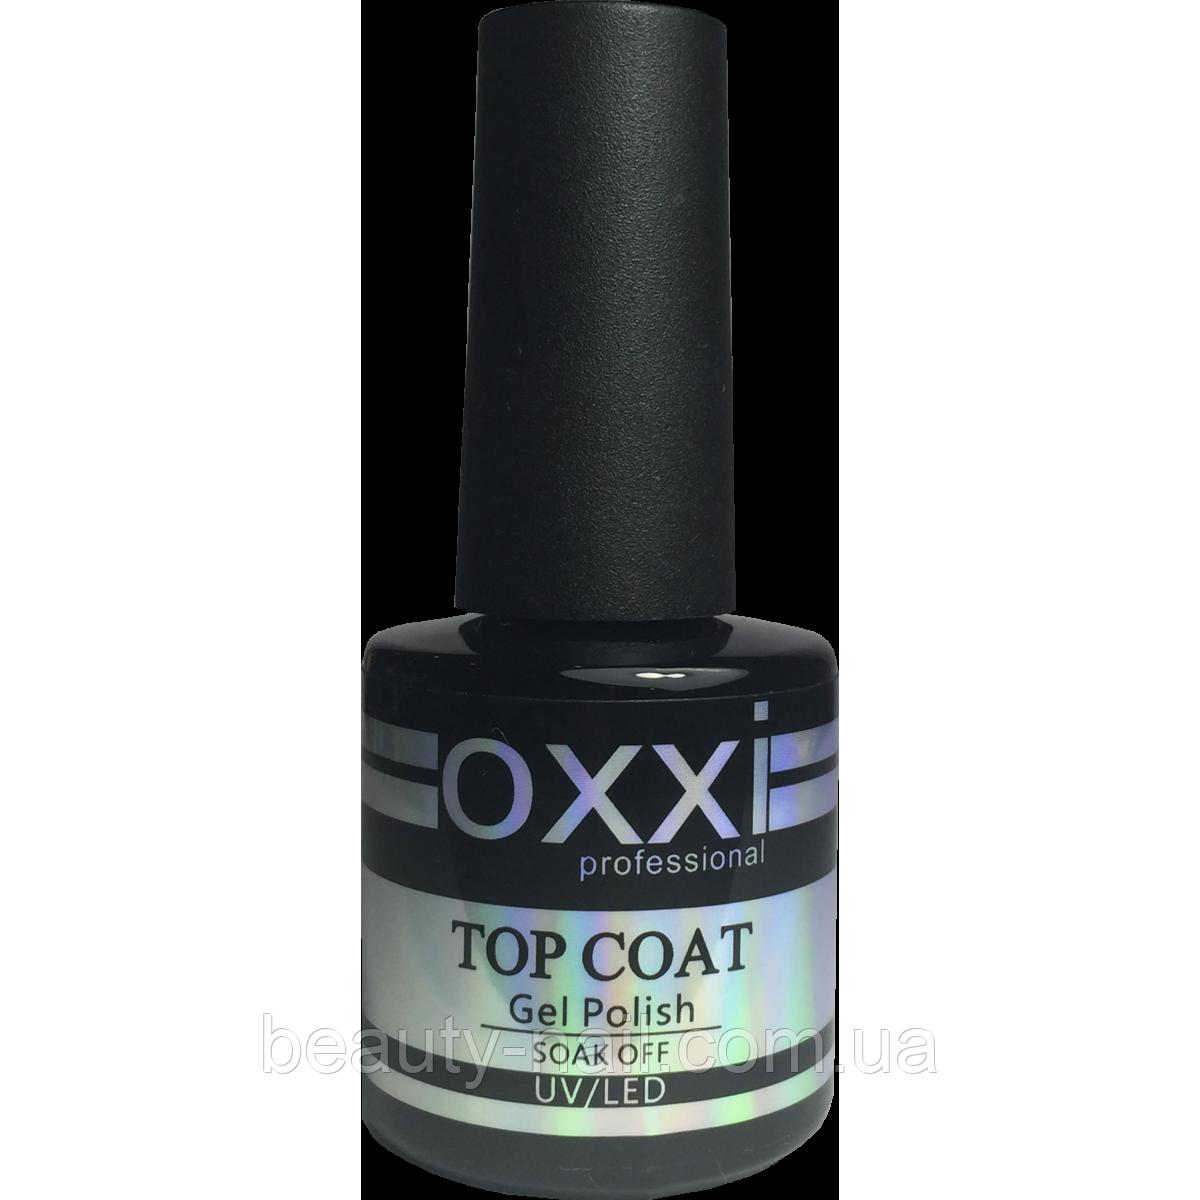 Oxxi professional финиш каучуковый 10 мл - Beauty Nail - гели, гель-лаки, все для ногтей в Запорожской области